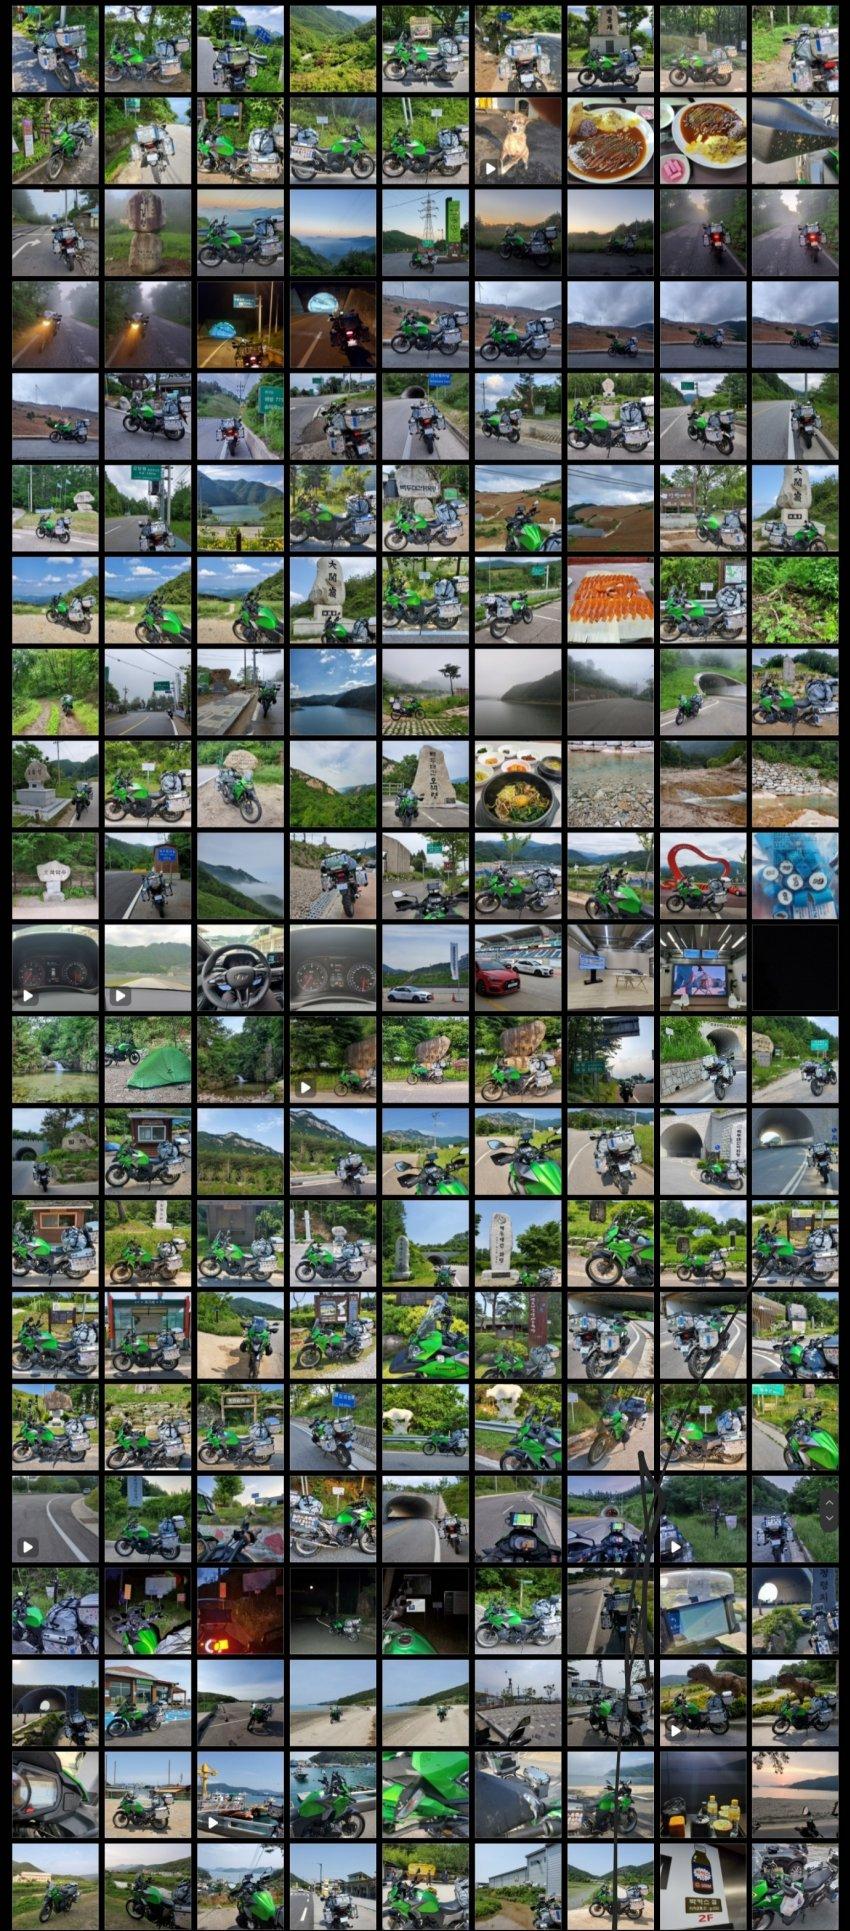 viewimage.php?id=2fb4db23&no=24b0d769e1d32ca73fec8efa11d02831835273132ddd61d36cf614d09c48d54d6e48de8cb9135d56207ec71d8decb34840f35ff4819f6fdafa74c35d900cdebc5fa7437298c6cfed3b511f4df64fde471352f66e83afaf4020e2bf64efd04a9edb